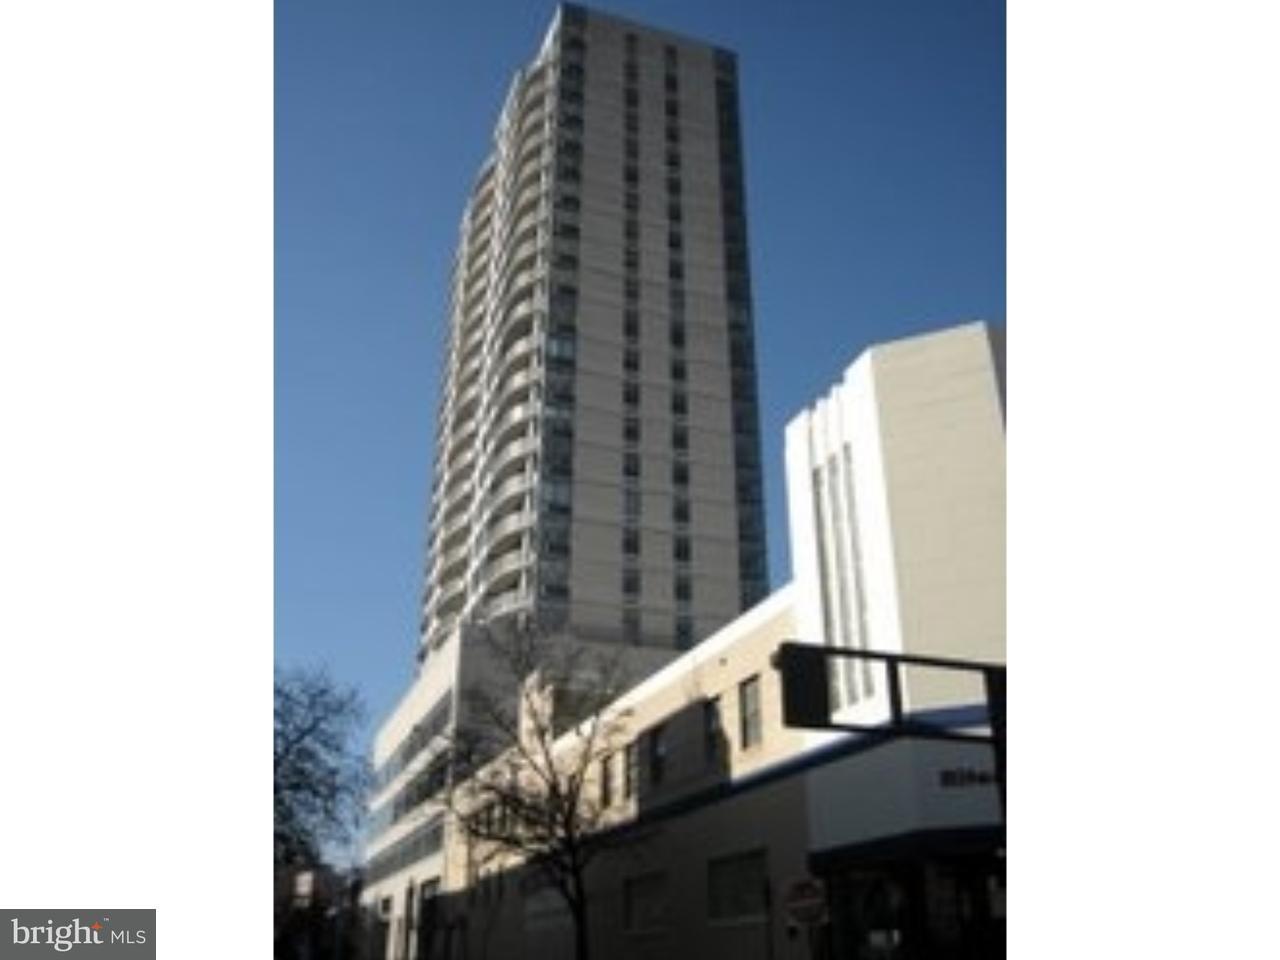 共管式独立产权公寓 为 出租 在 1 SPRING ST #2405 新不伦瑞克, 新泽西州 08901 美国